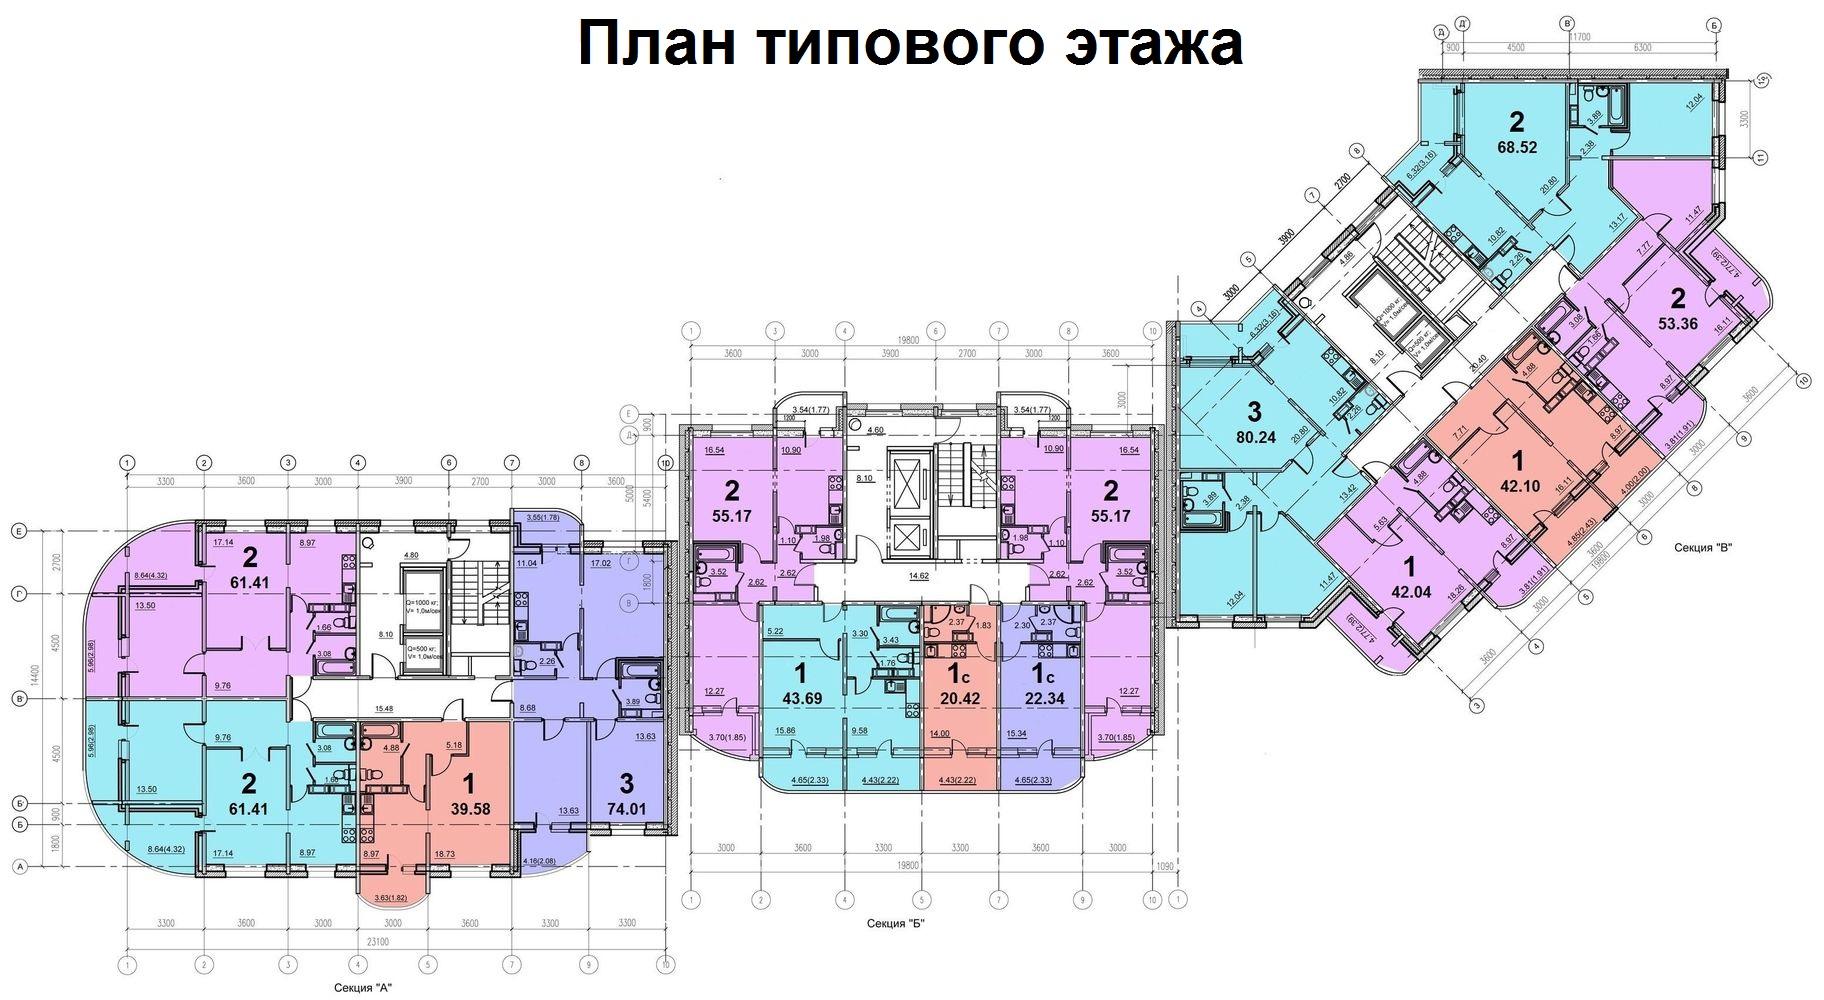 Продажа дома общей площадью 60 м площадь участка 8 сот